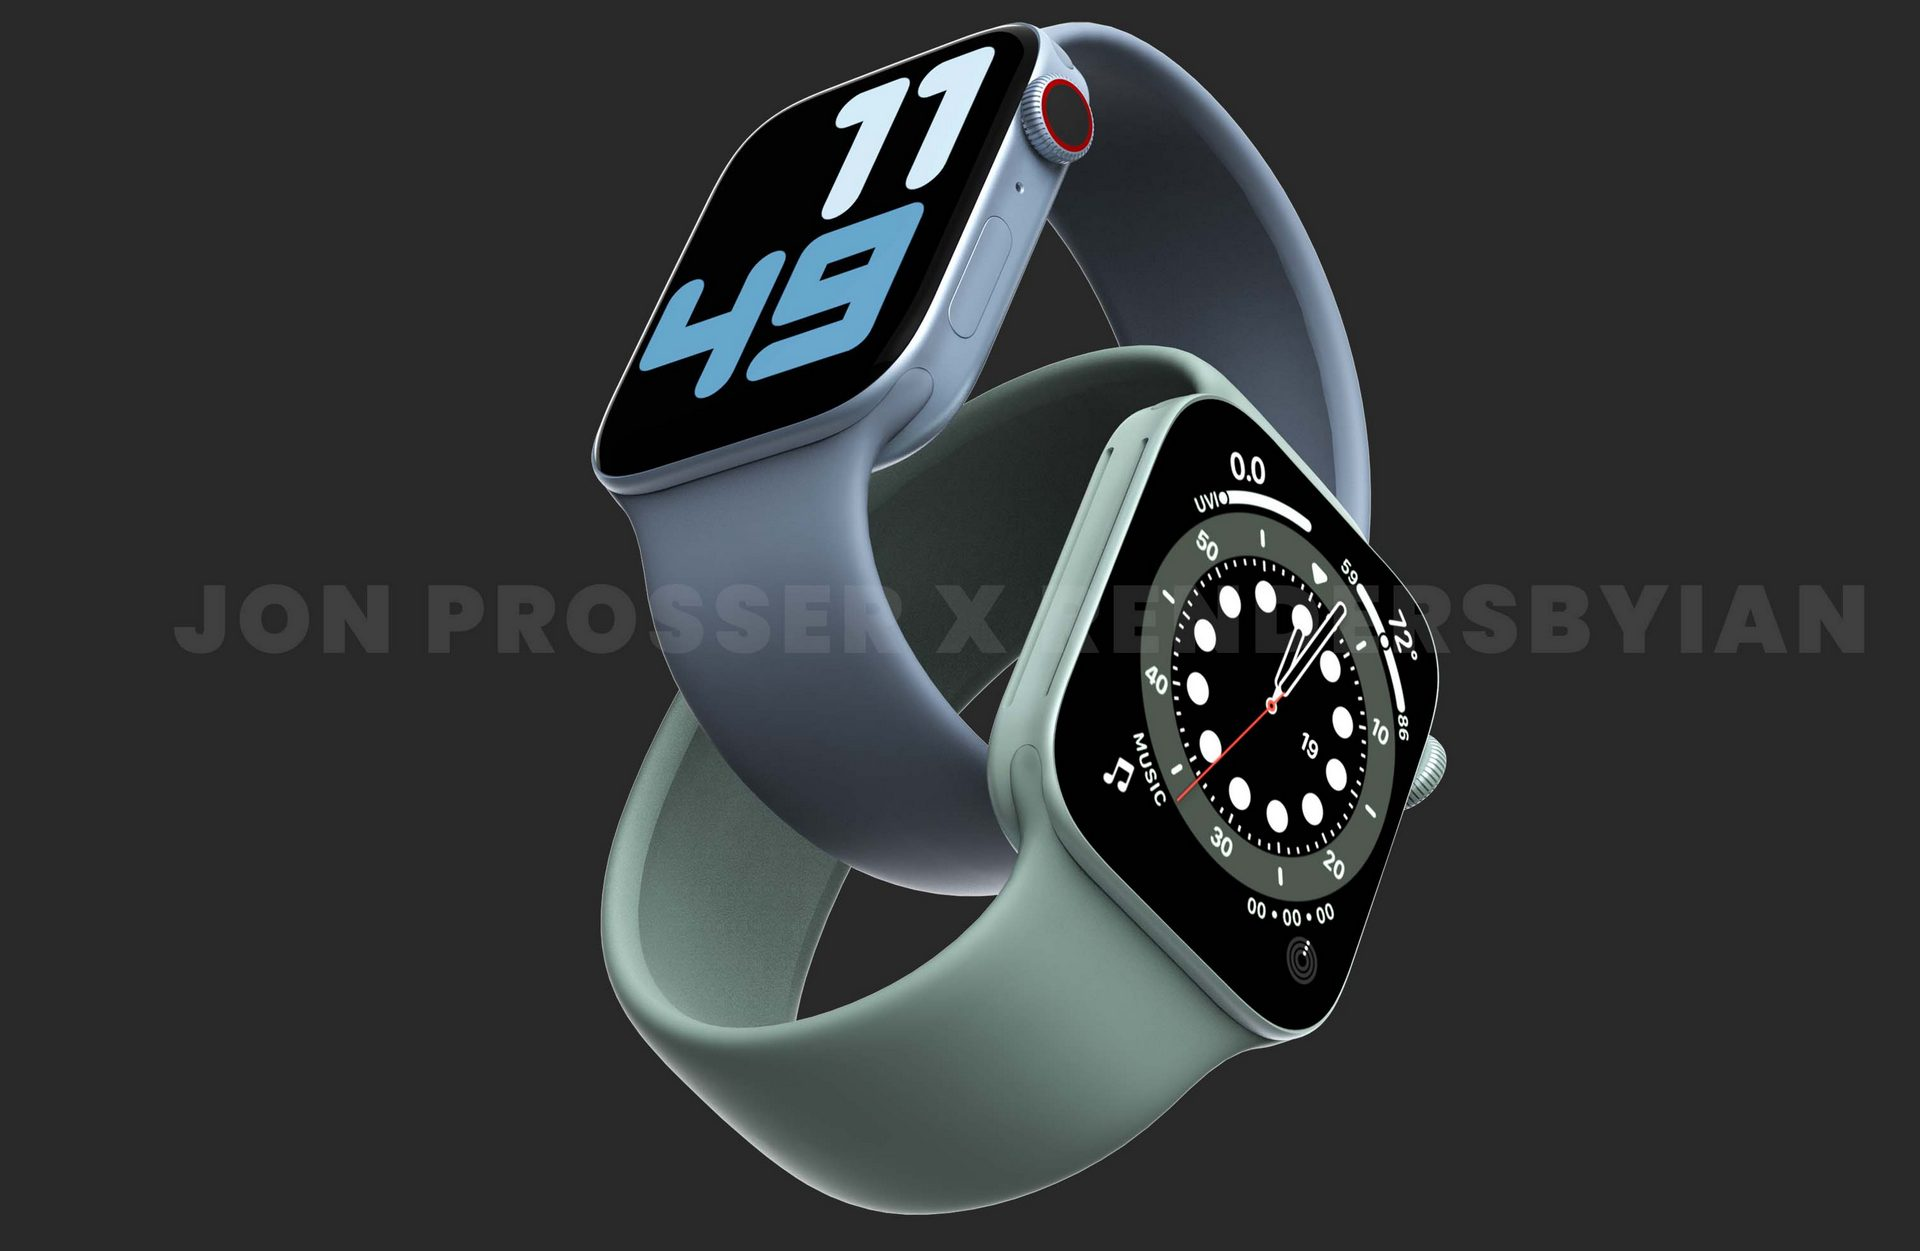 Apple Watch Series 7 jon prosser blue green